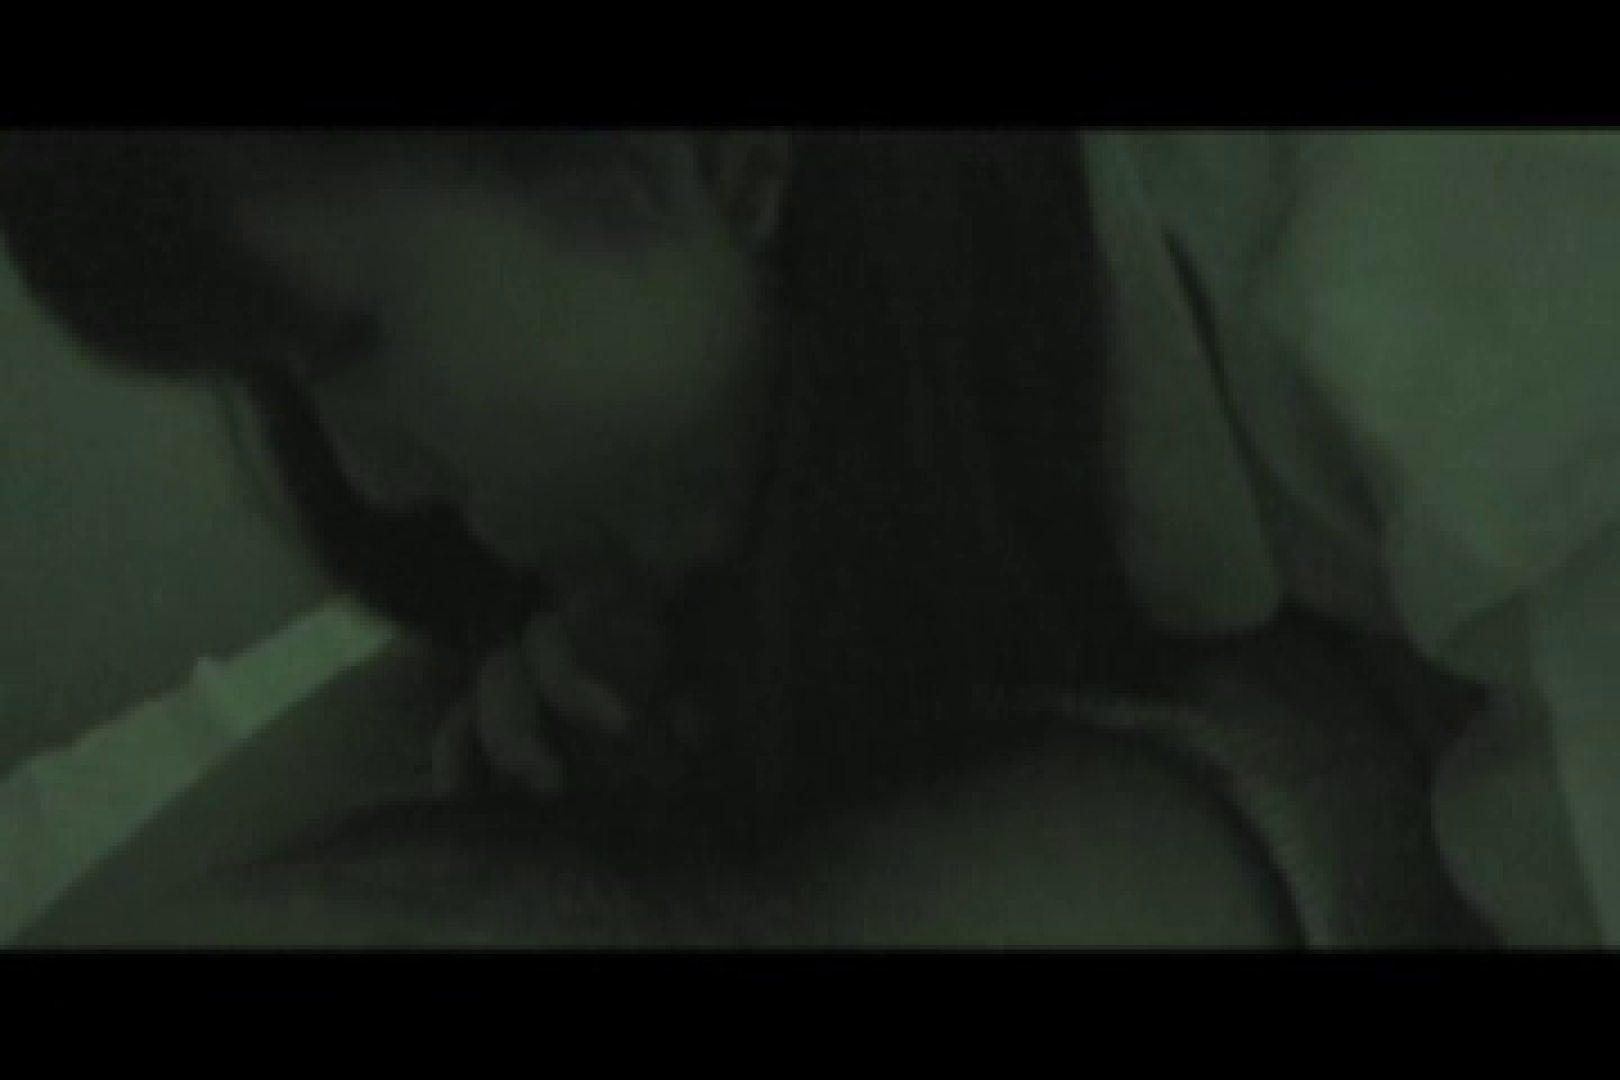 ヤリマンと呼ばれた看護士さんvol3 厠隠し撮り ワレメ動画紹介 72pic 18